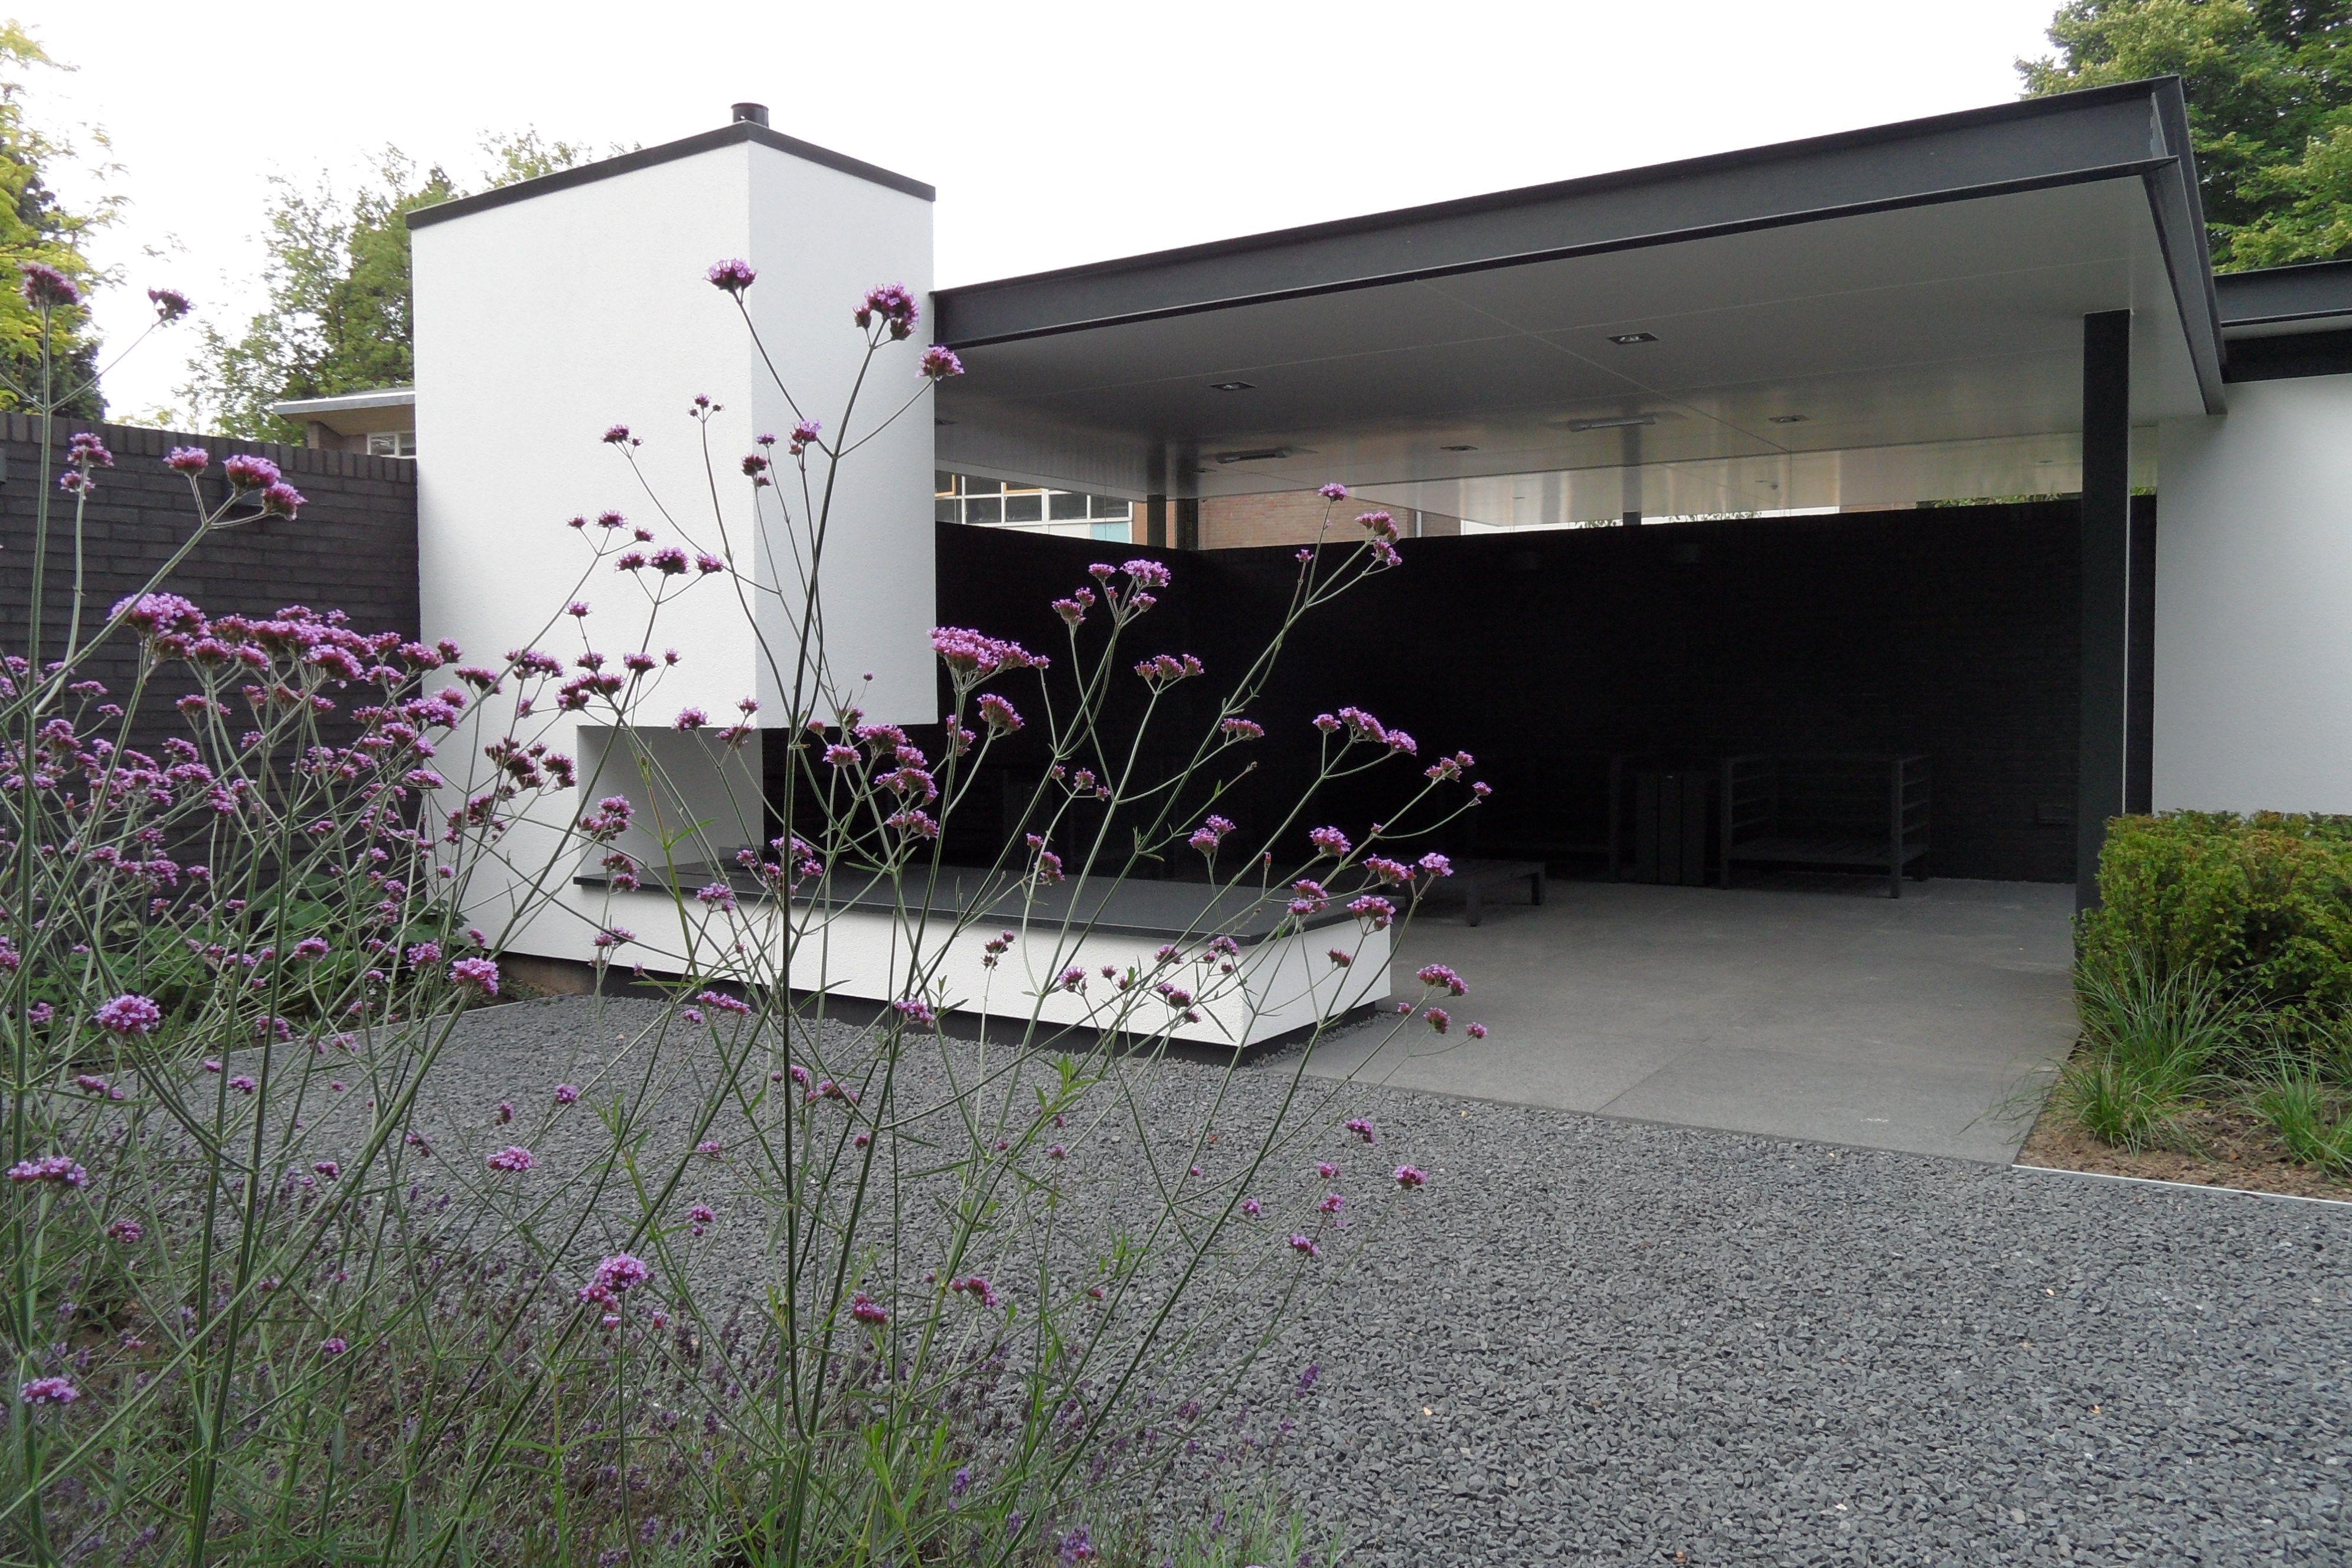 Buiten overkapping met openhaard strakke overkapping overkapping tuin grind moderne - Buiten terras model ...